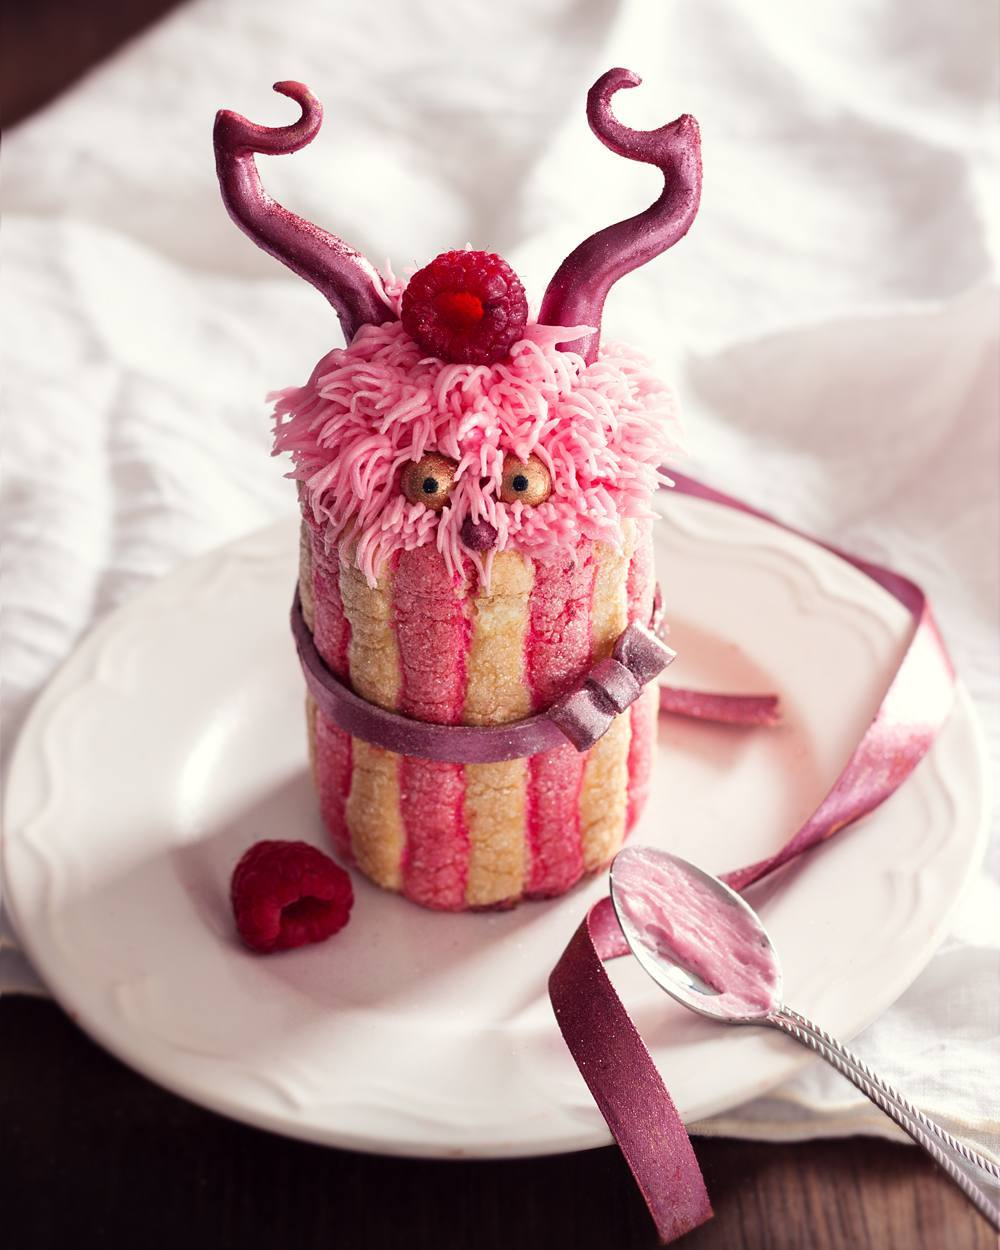 Les gâteaux monstrueux de Mélanie Launay